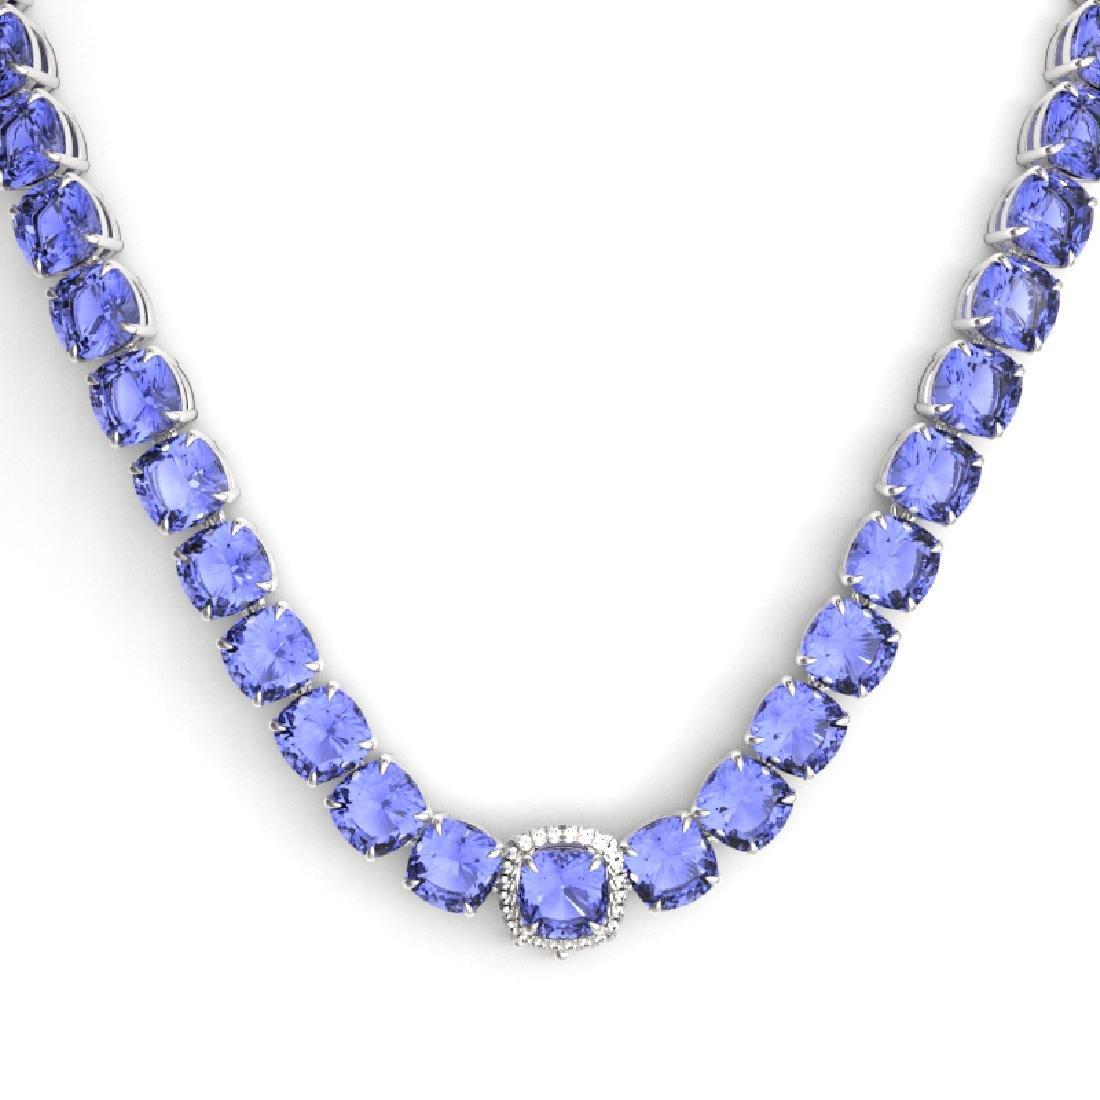 100 CTW Tanzanite & VS/SI Diamond Necklace 14K White - 2